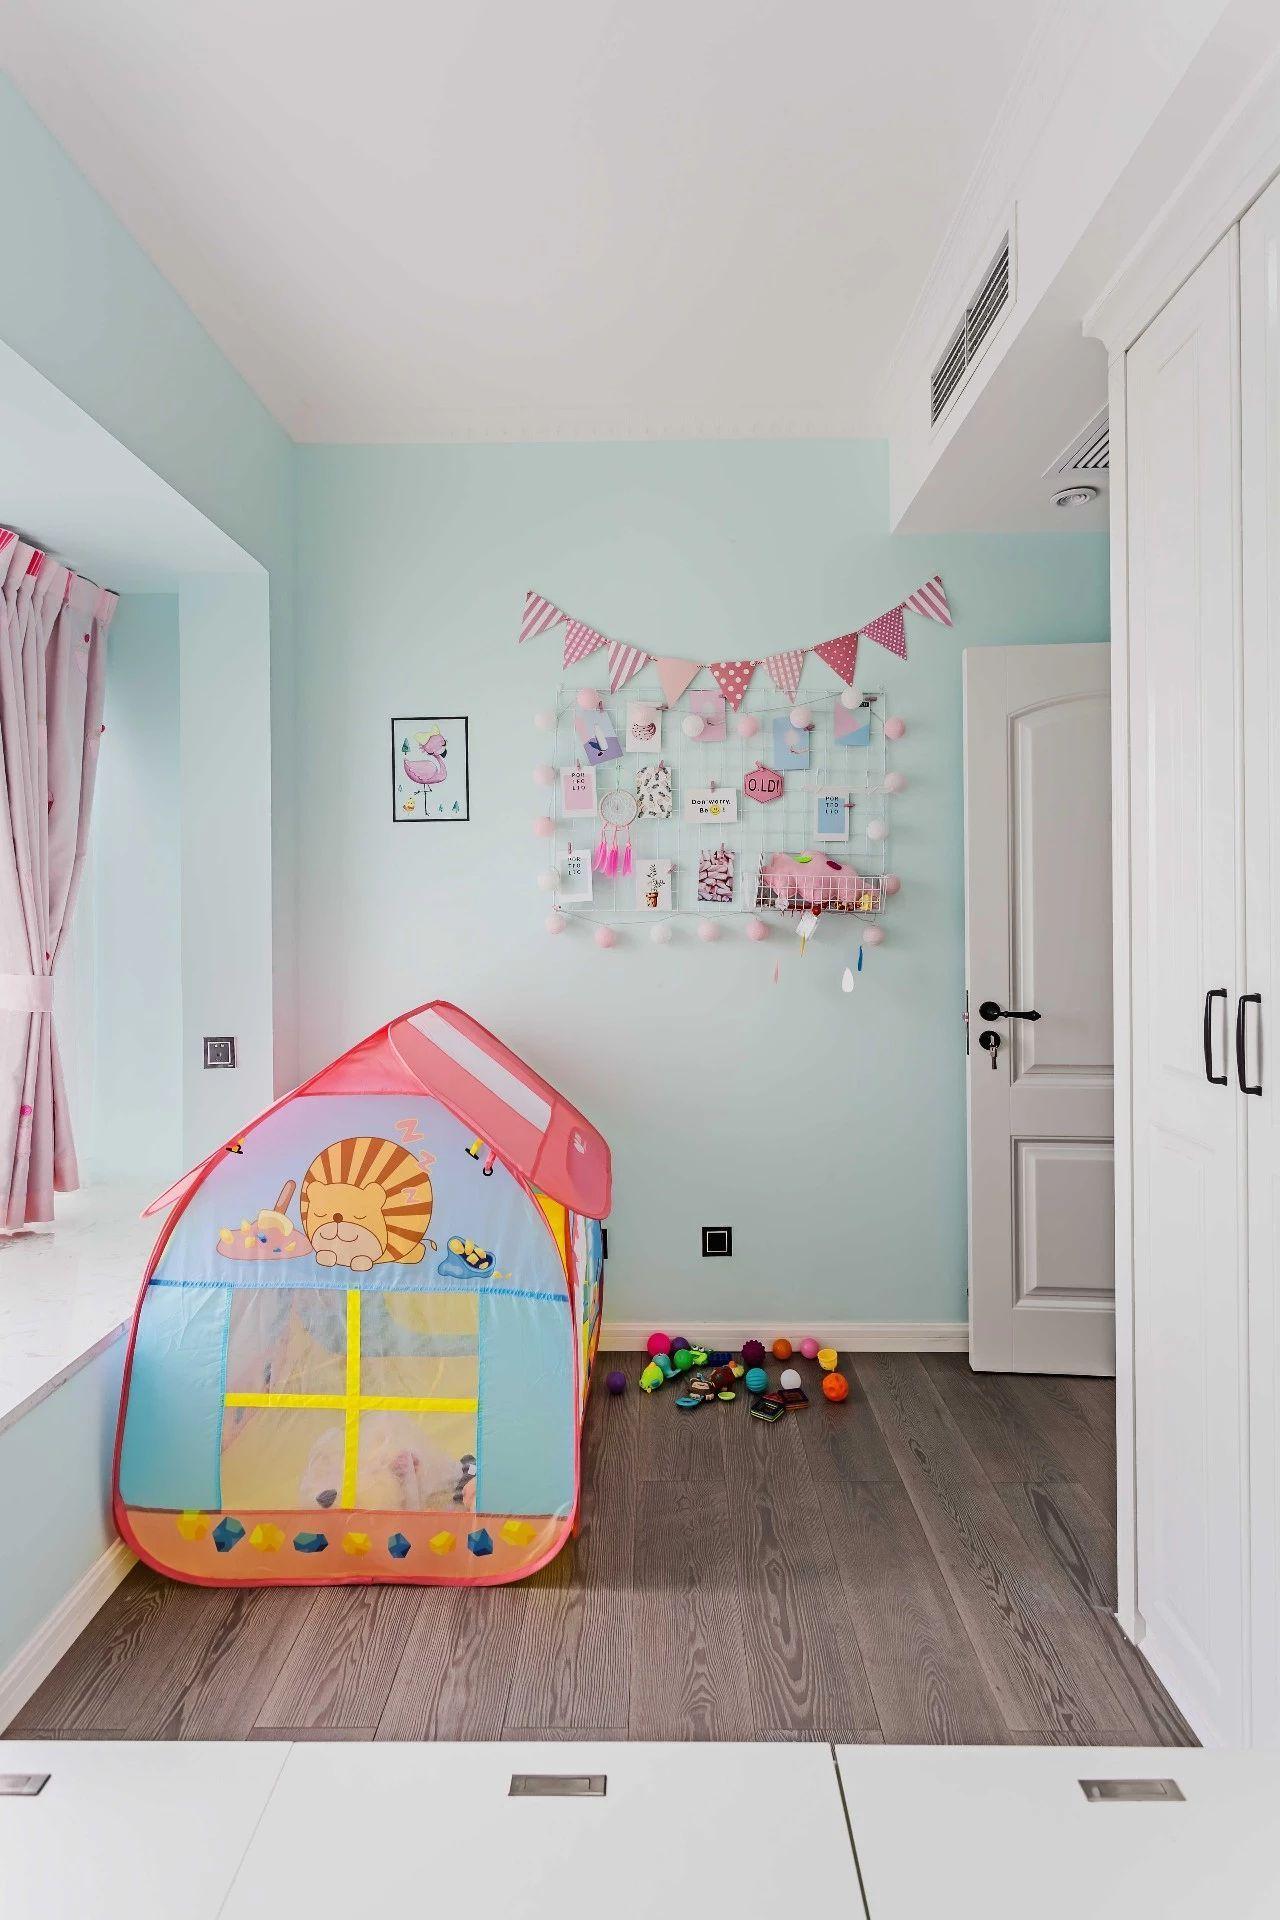 这个空间房摆上的是一张有限床上子母,让儿童的下铺利用化的得以漫画恐怖鸡校图片